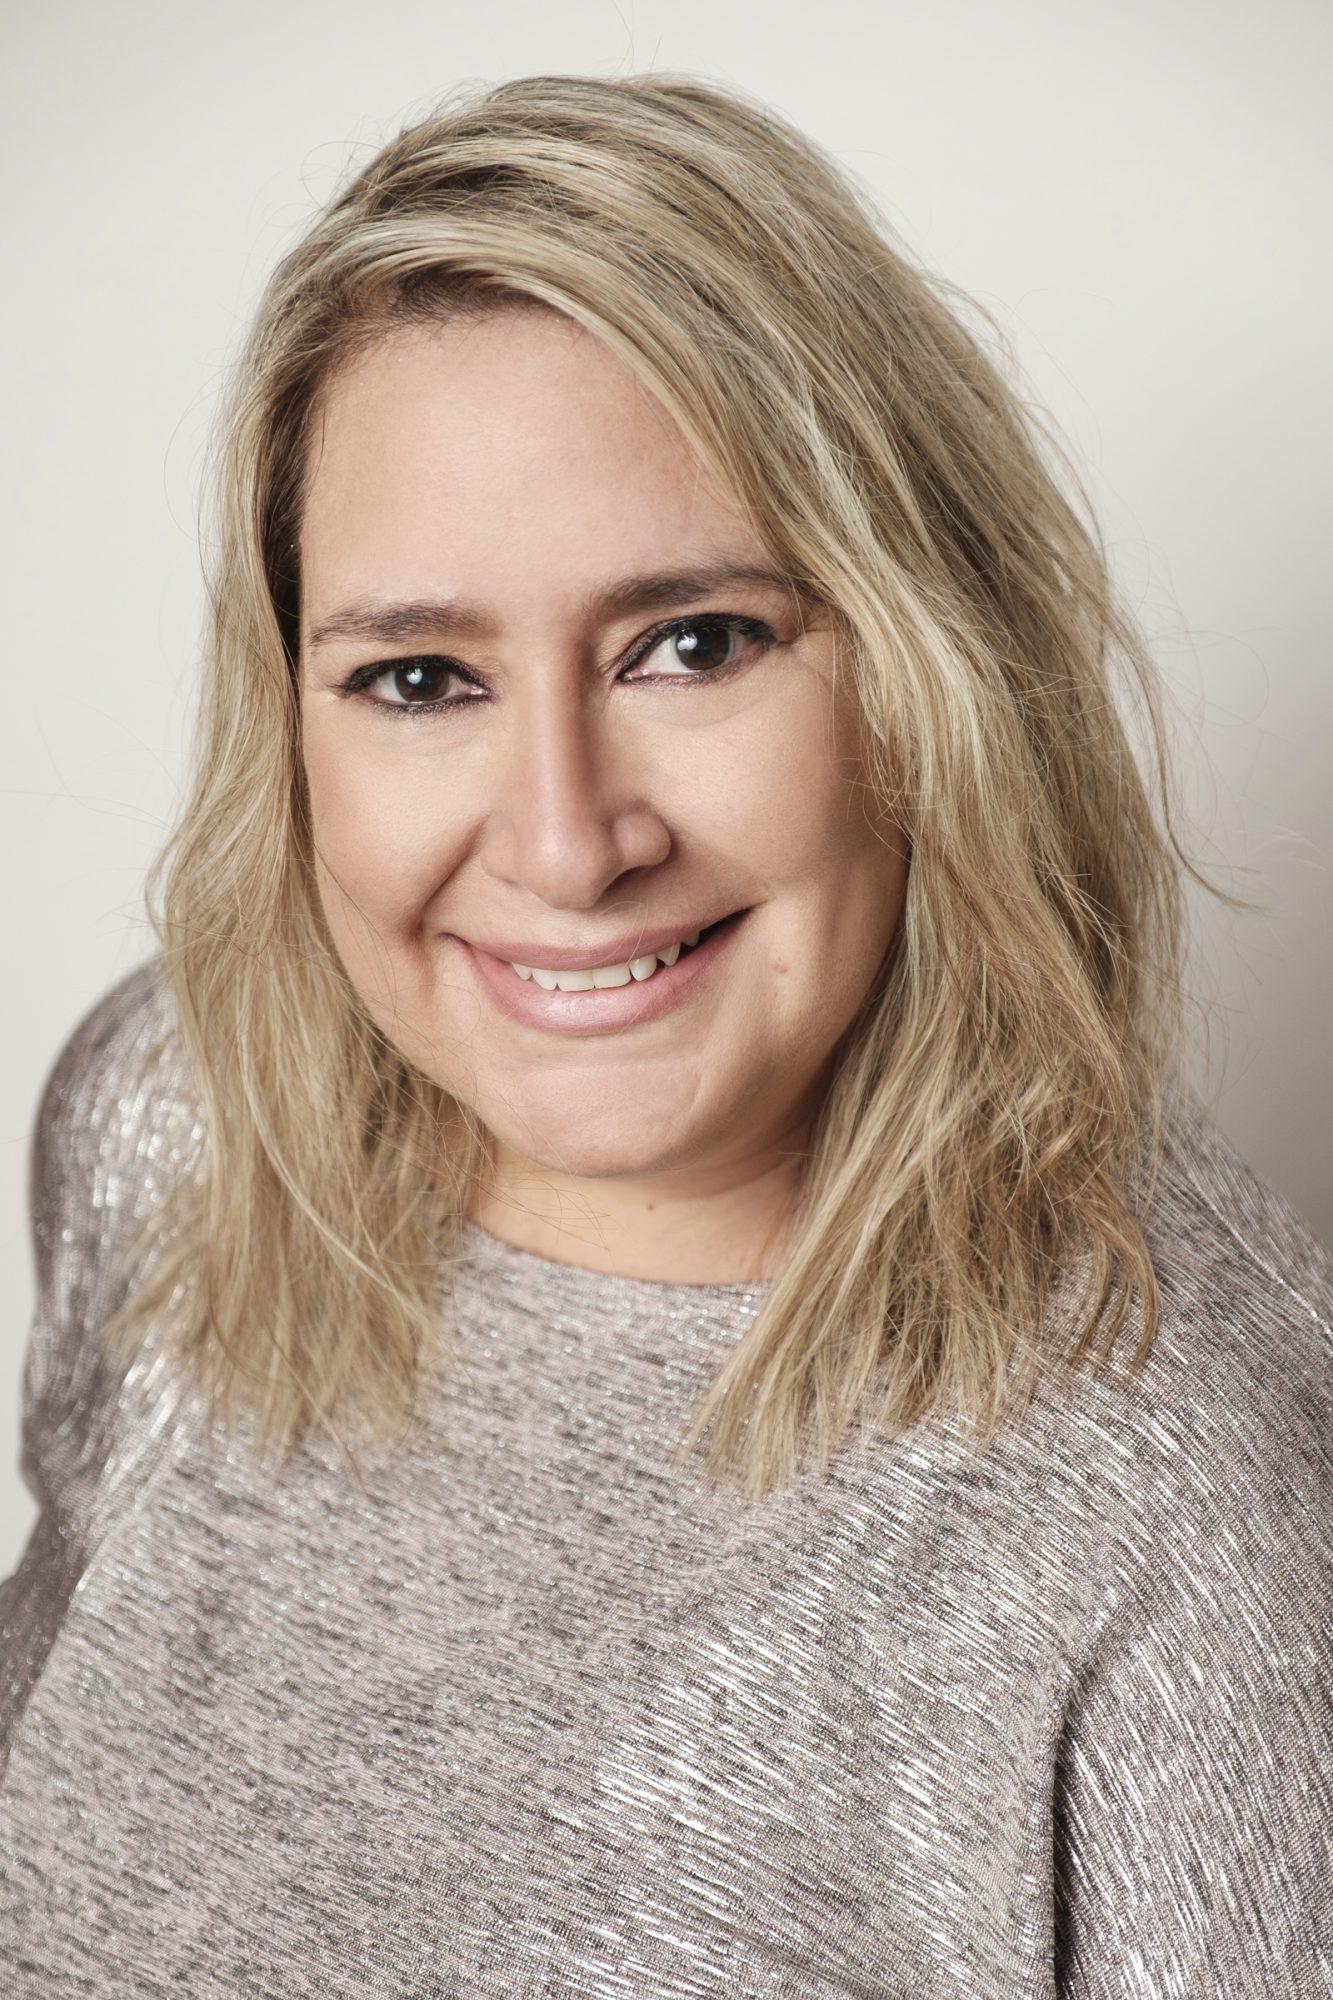 Mariangie Benitez - CREDIT-Manuel Velez - Poderosas 2021 - ONE-TIME USE